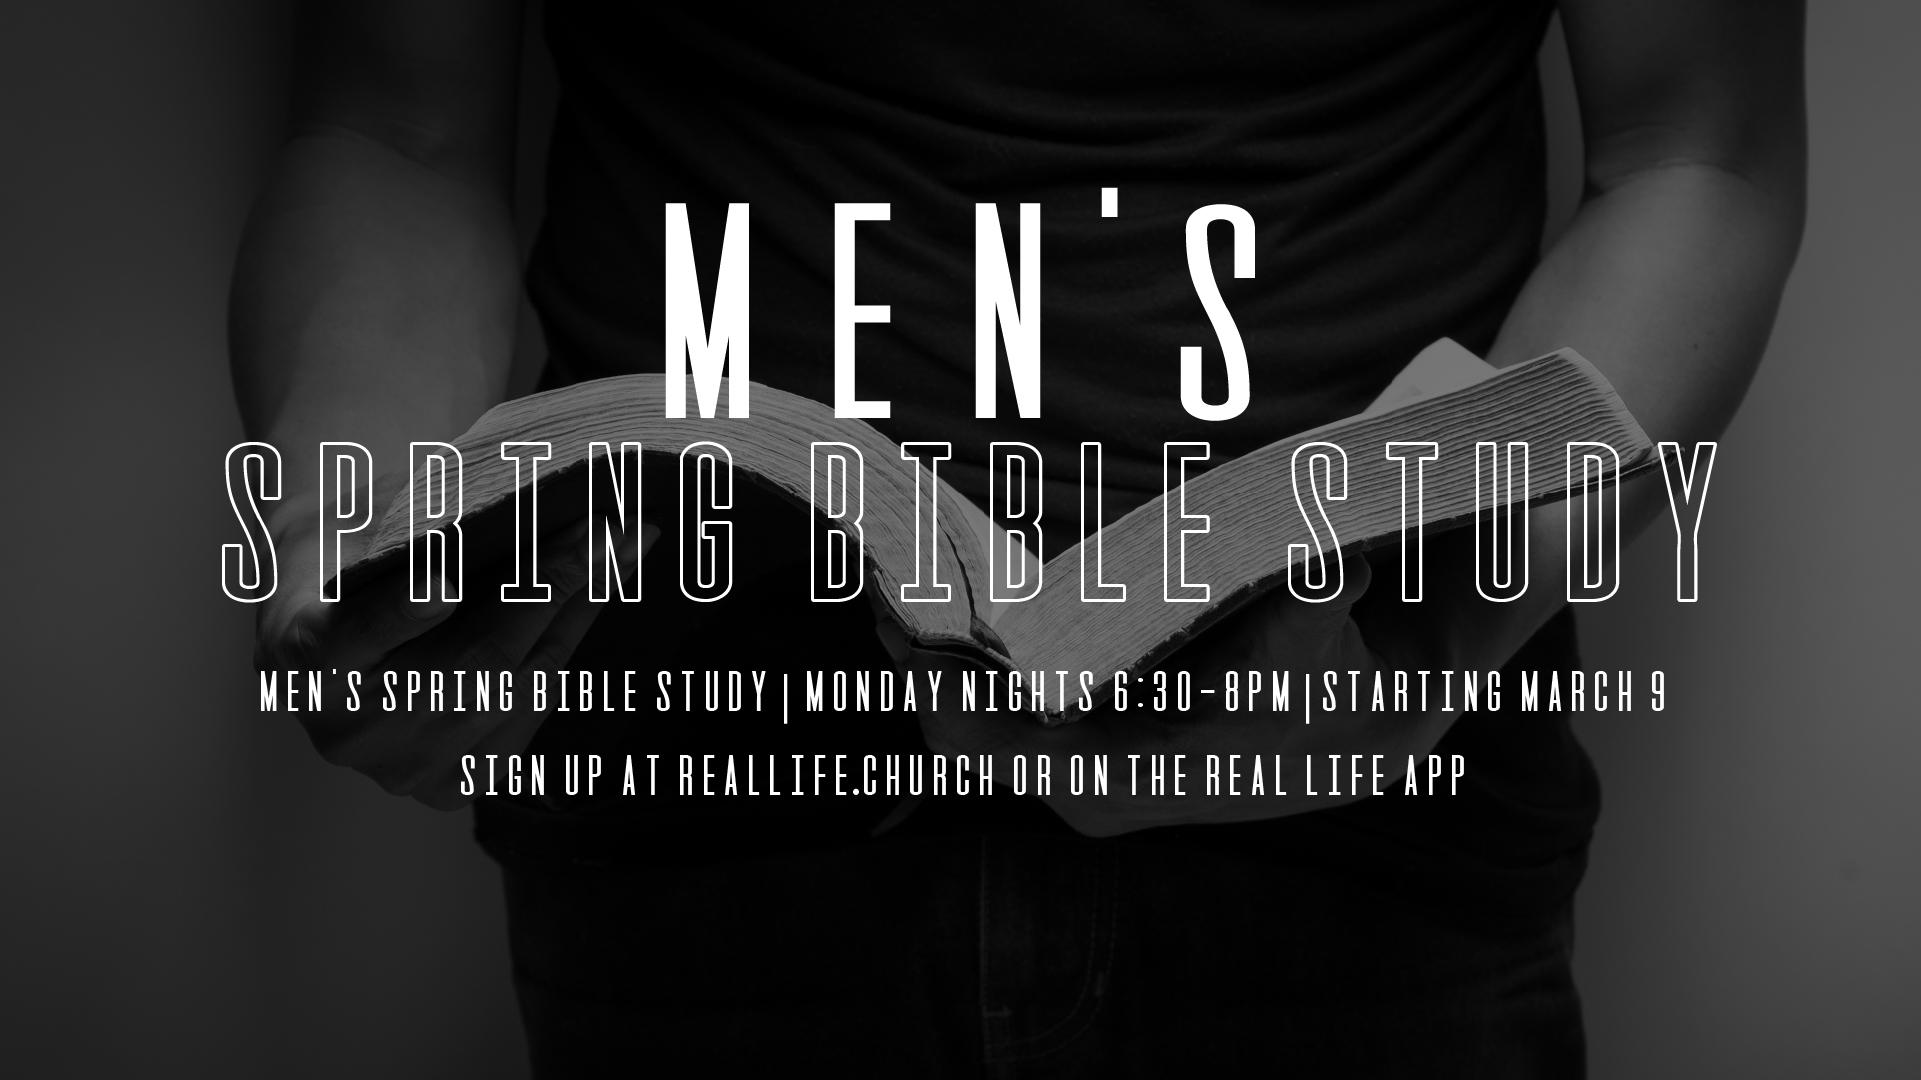 Men's Spring Bible Study